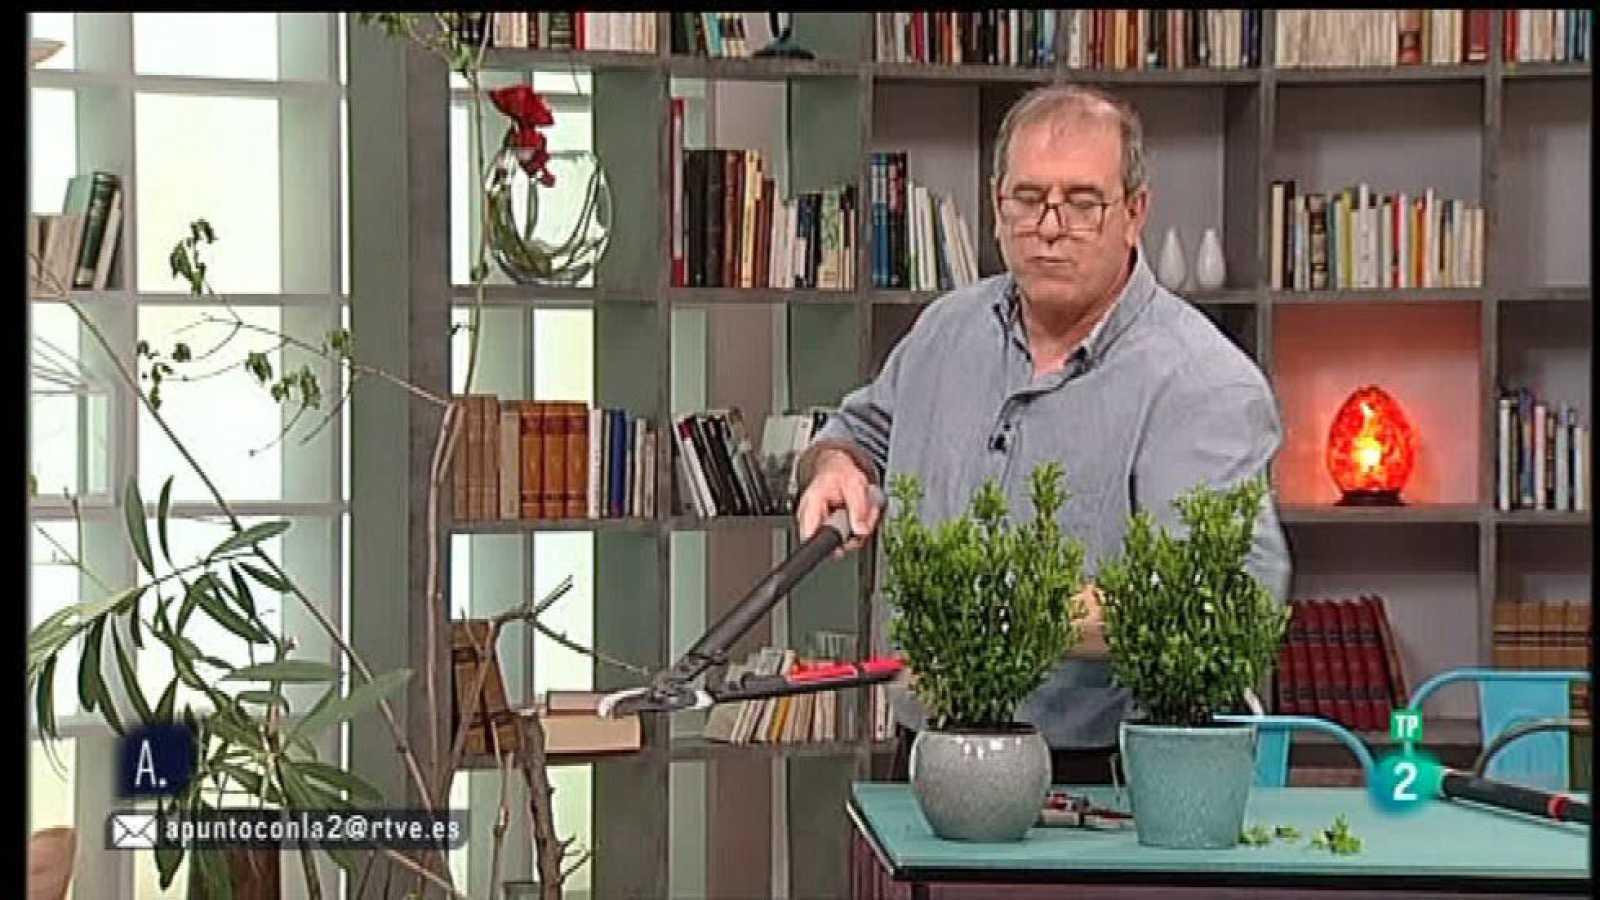 A punto con La 2 - Bricolaje - Nociones y herramientas de jardinería